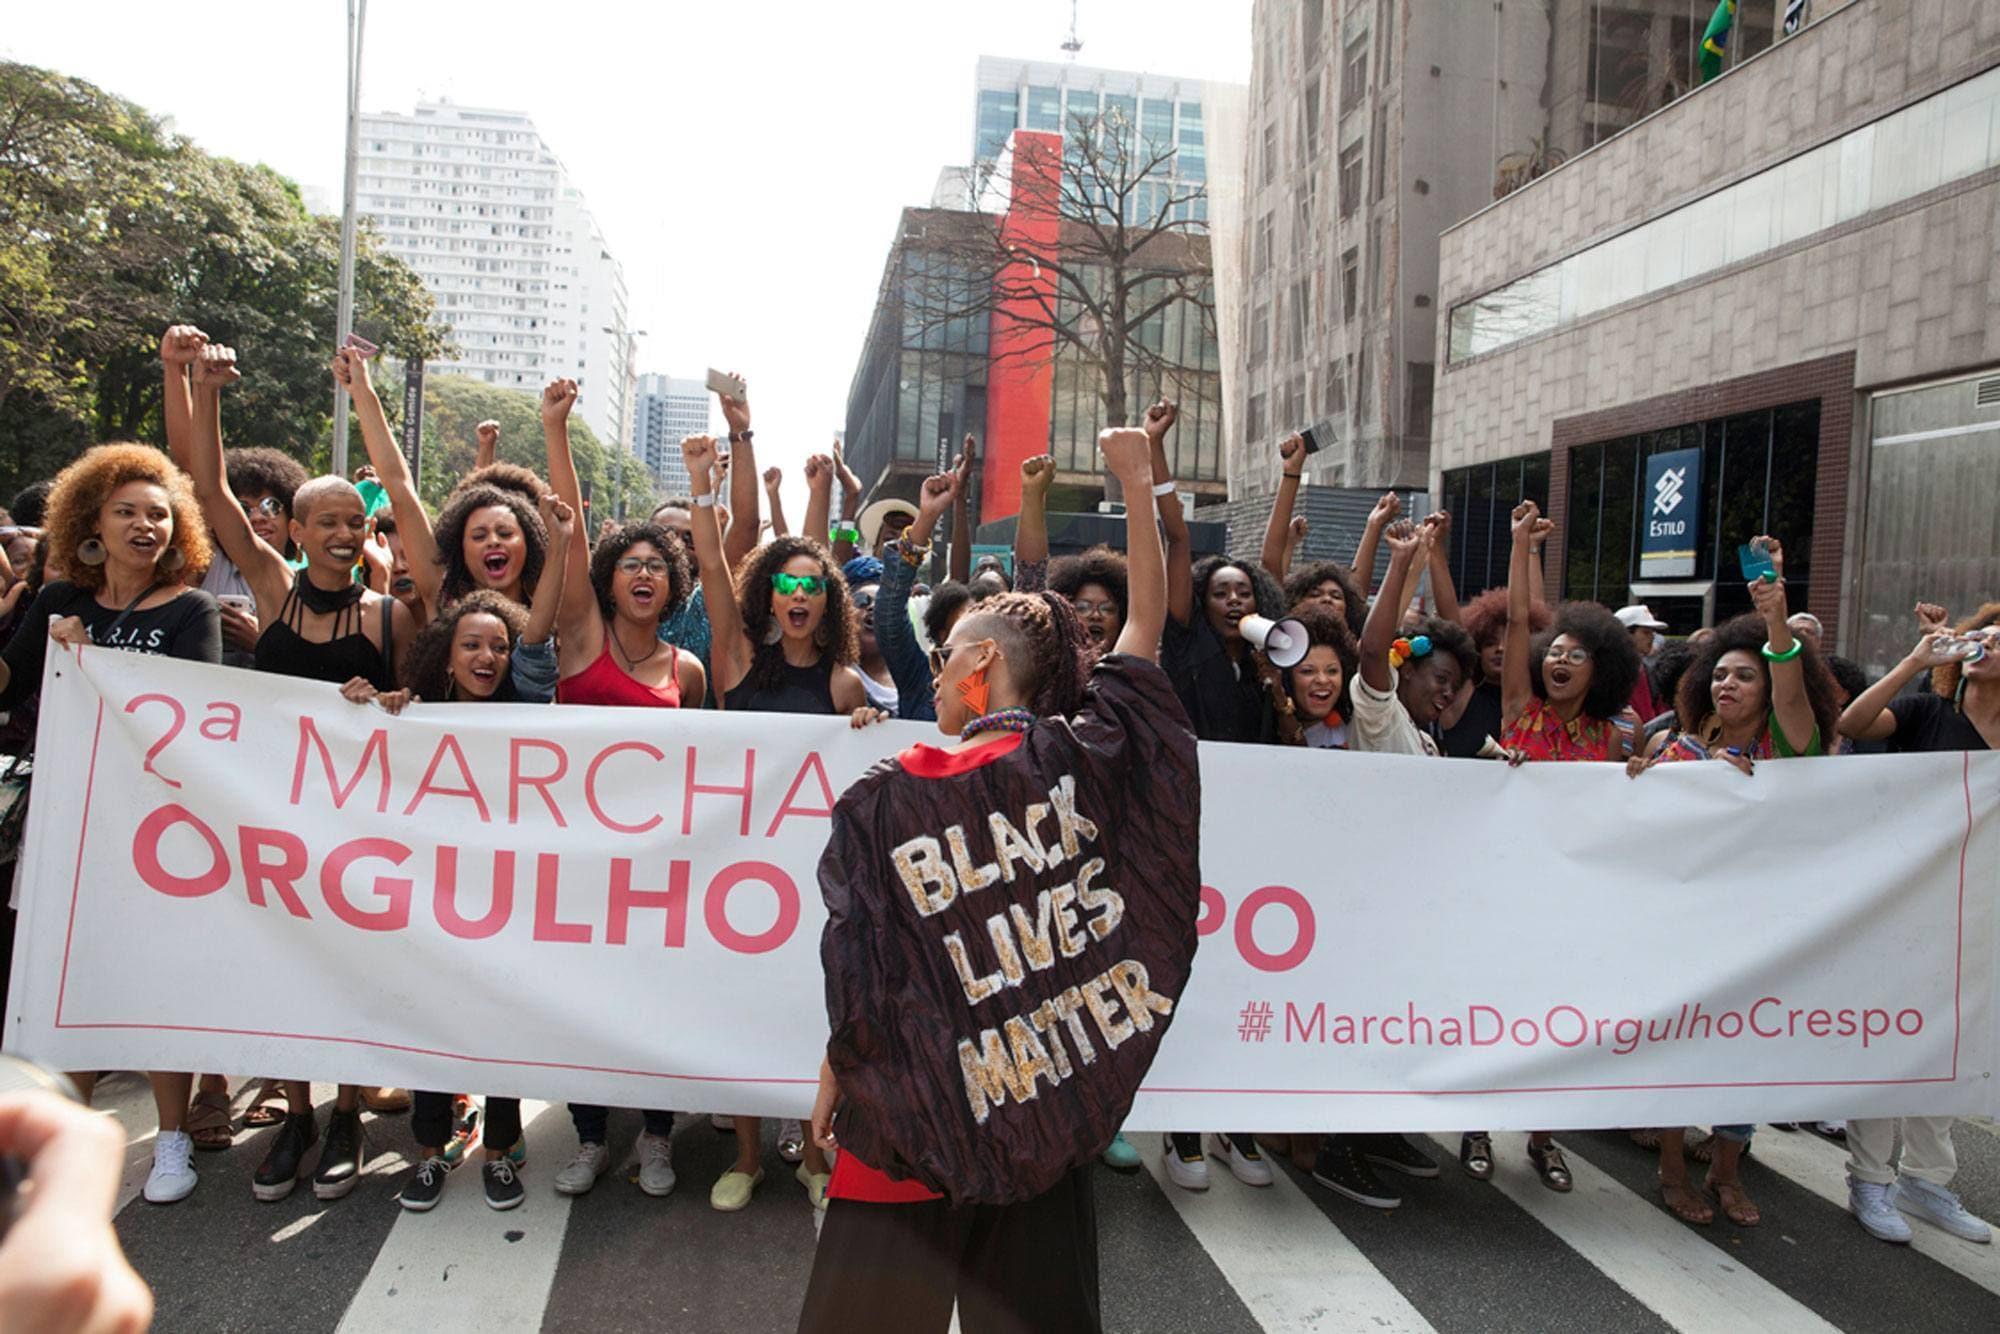 Mulheres e homens de cabelo crespo reunidos na marcha do orgulho crespo